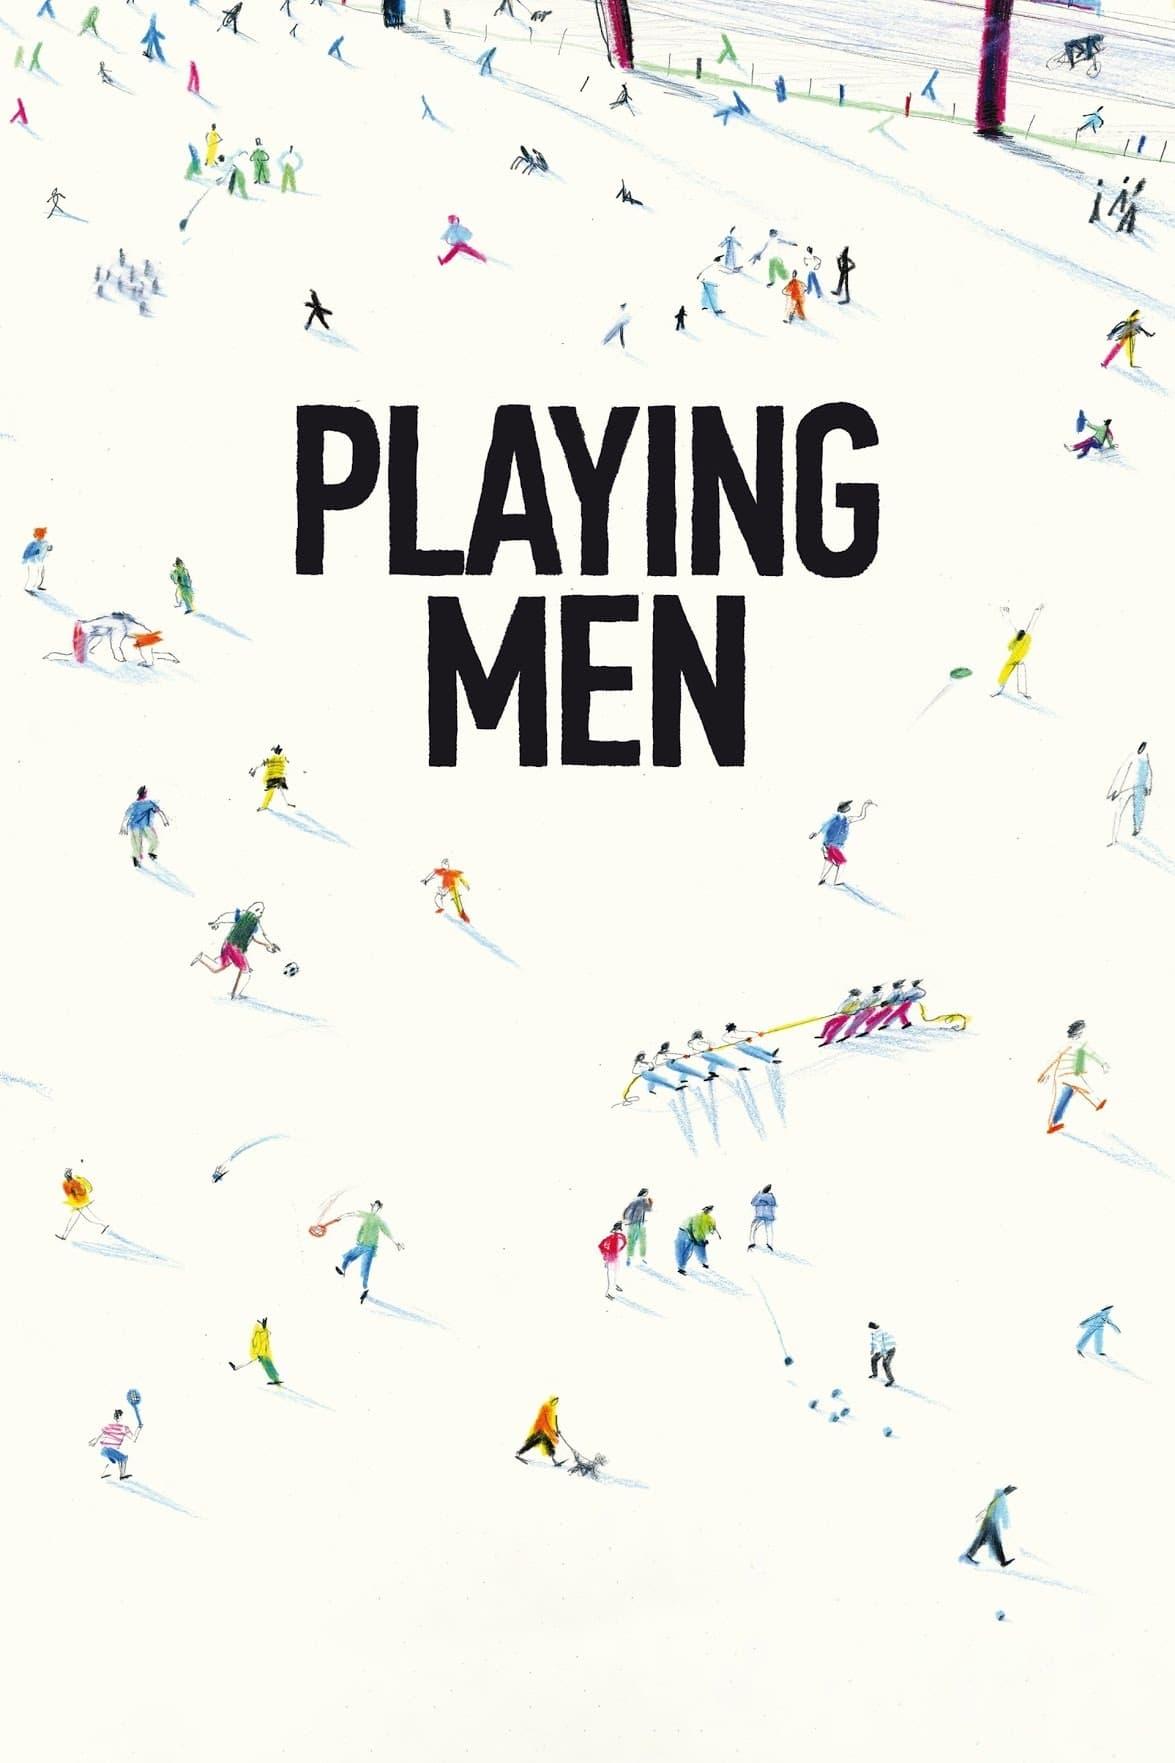 Playing Men